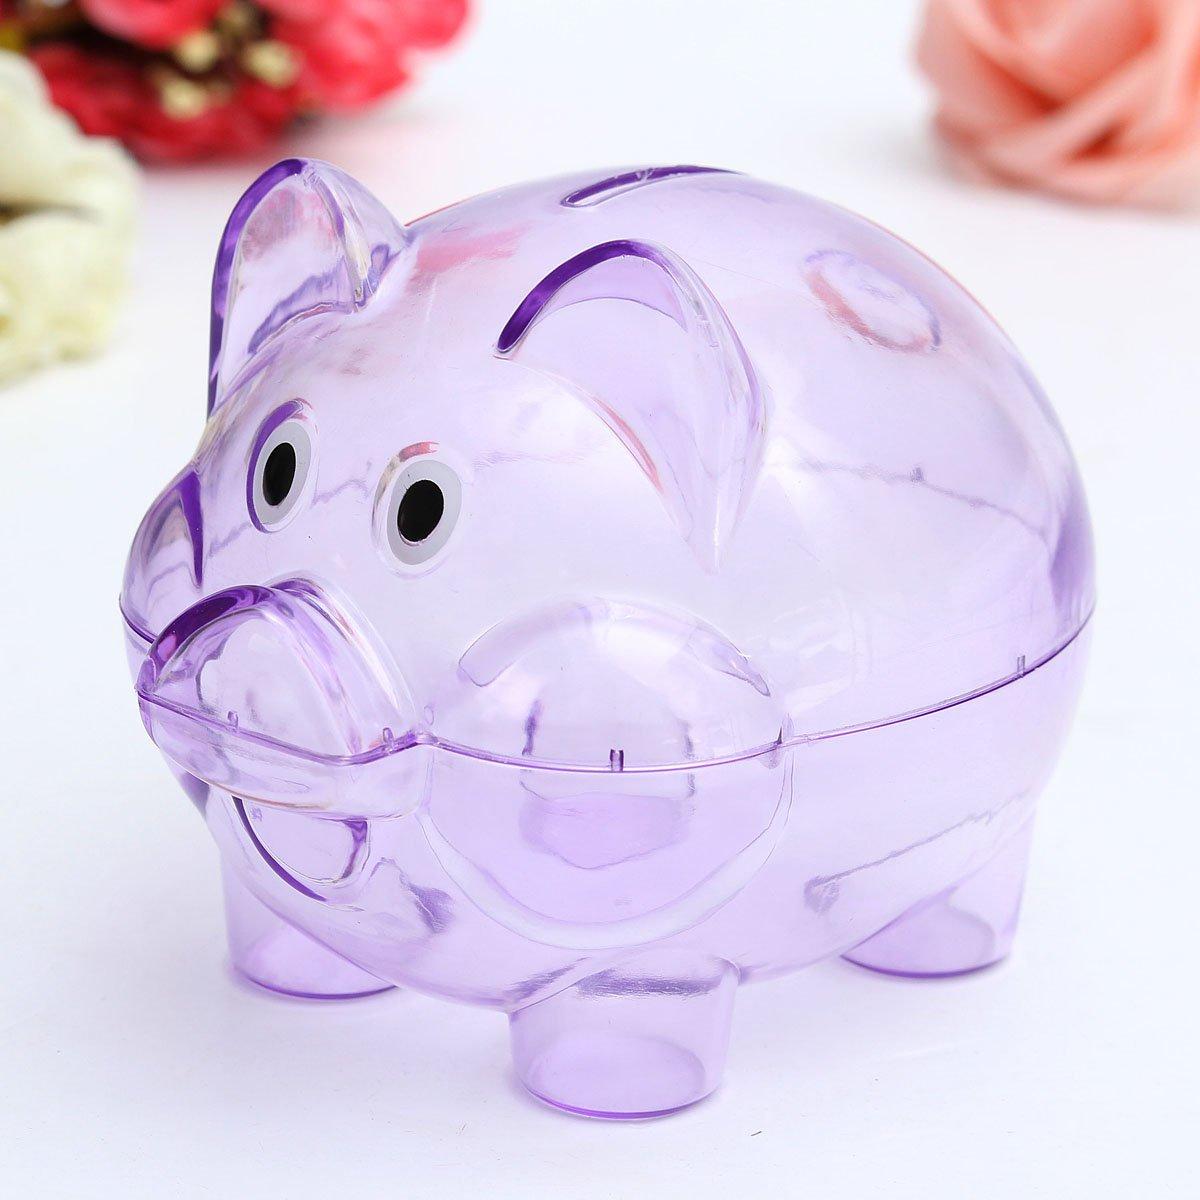 Bazaar Kinder Kinder Baby bewegliches netter Plastik Schwein Klare Sparschwein Mü nzen Box Storage Box Geld sparen Fall Spielzeug Geschenk Big Bazaar